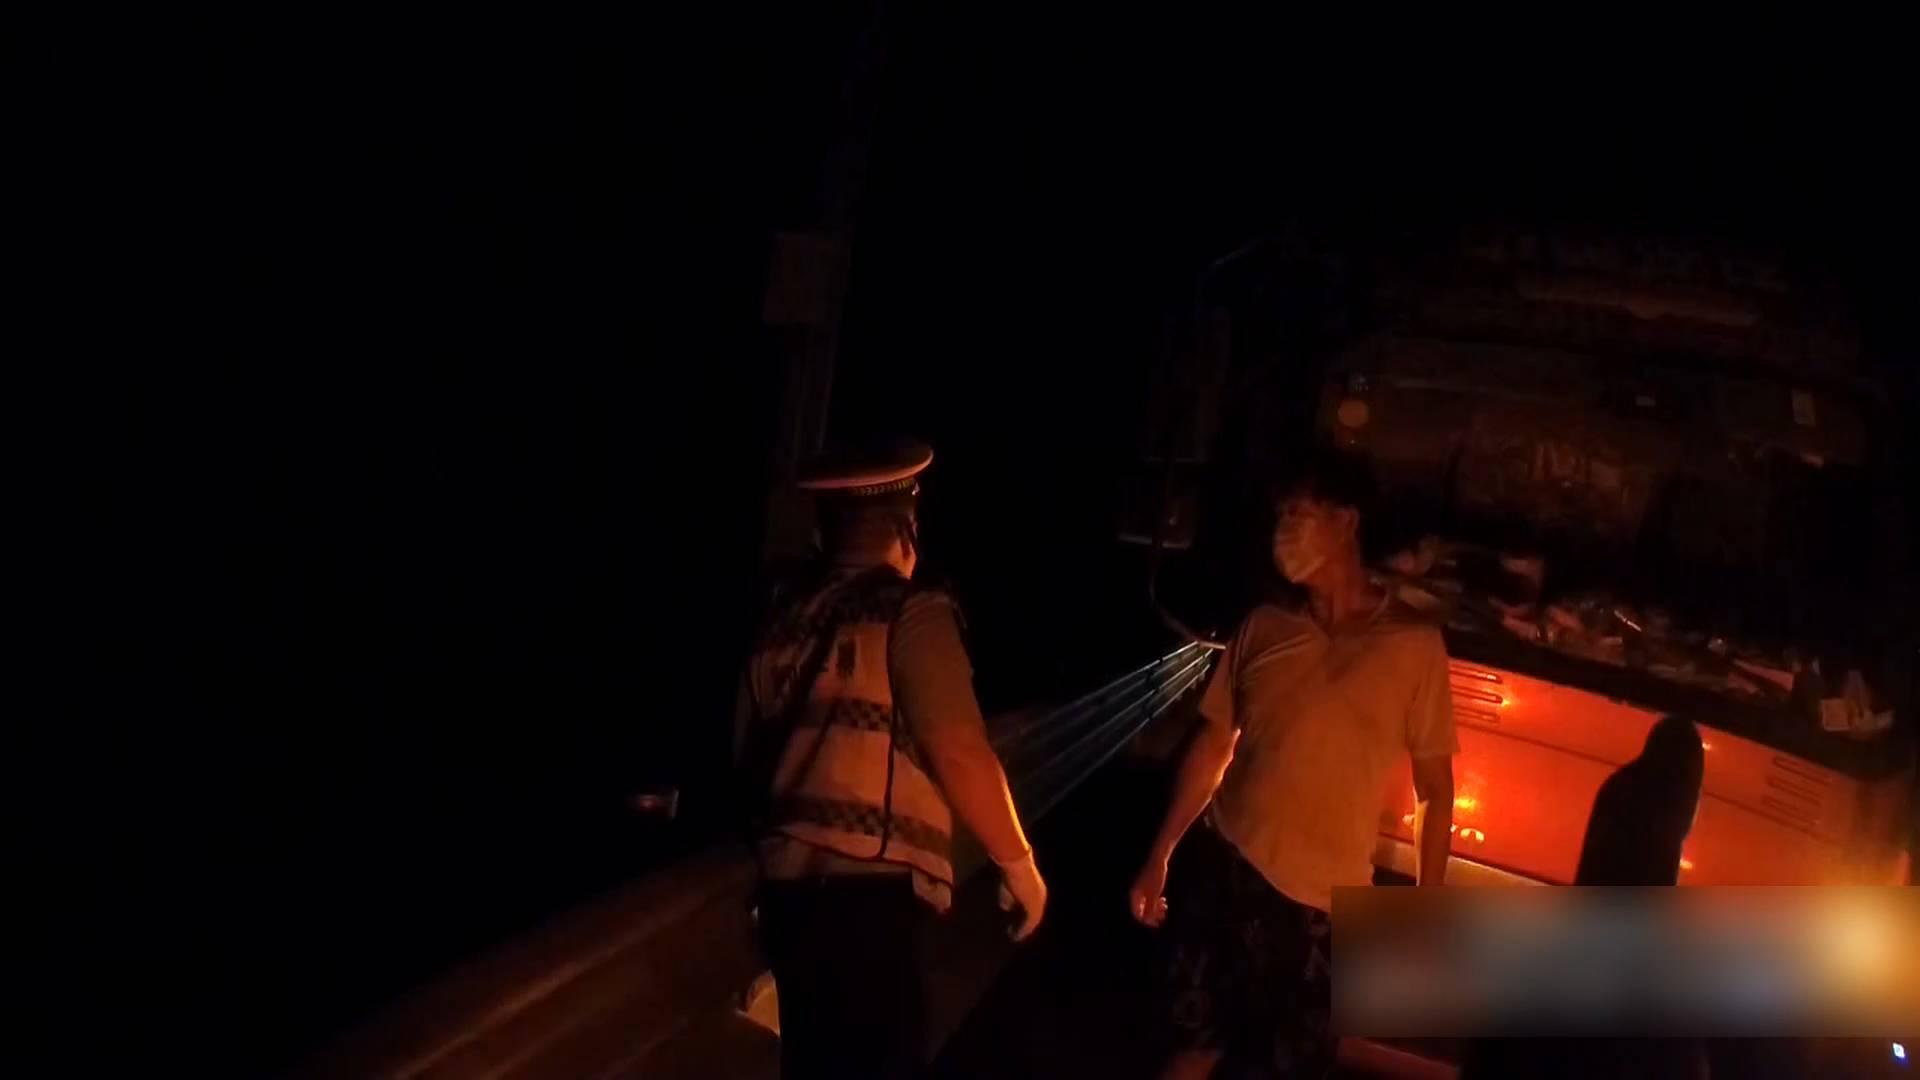 """货车灯光故障高速上缓慢行驶 交警一路护送""""我来当你的'眼'"""""""